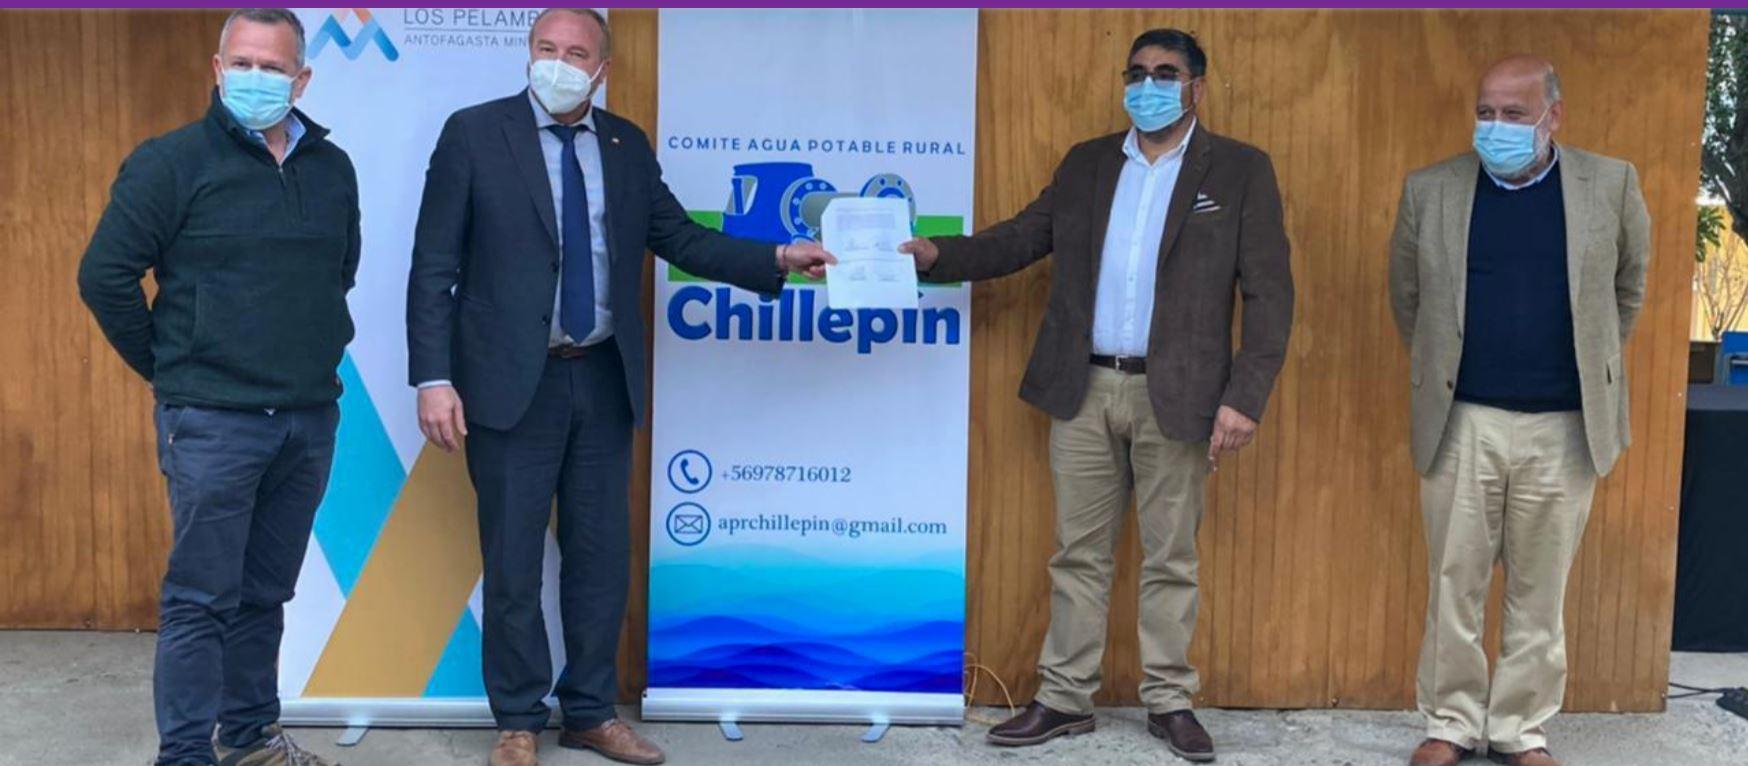 Ampliación del Sistema de Agua Potable Rural de Chillepín avanza a paso firme